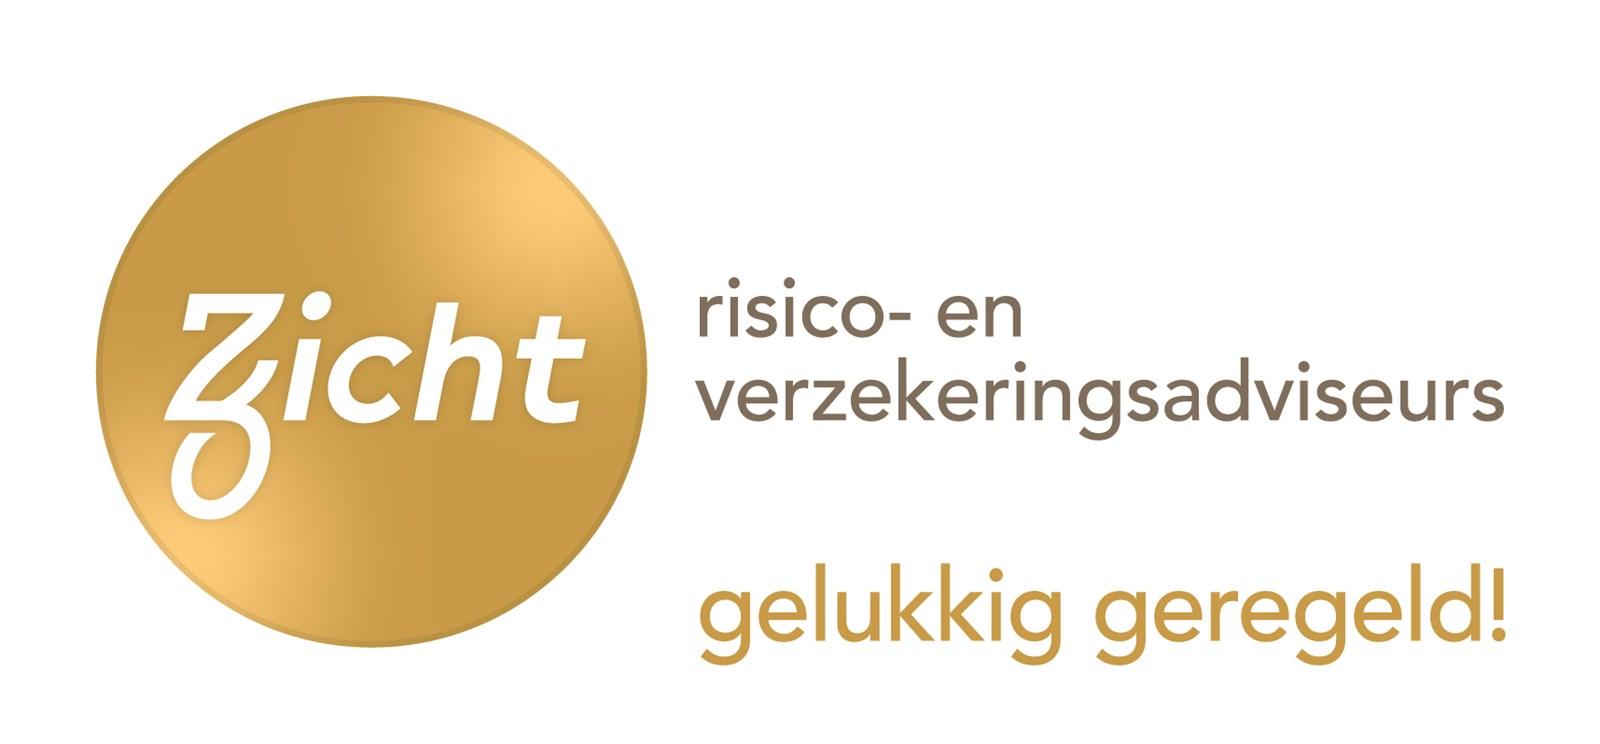 Afbeelding van Zichtadviseurs Rijswijk